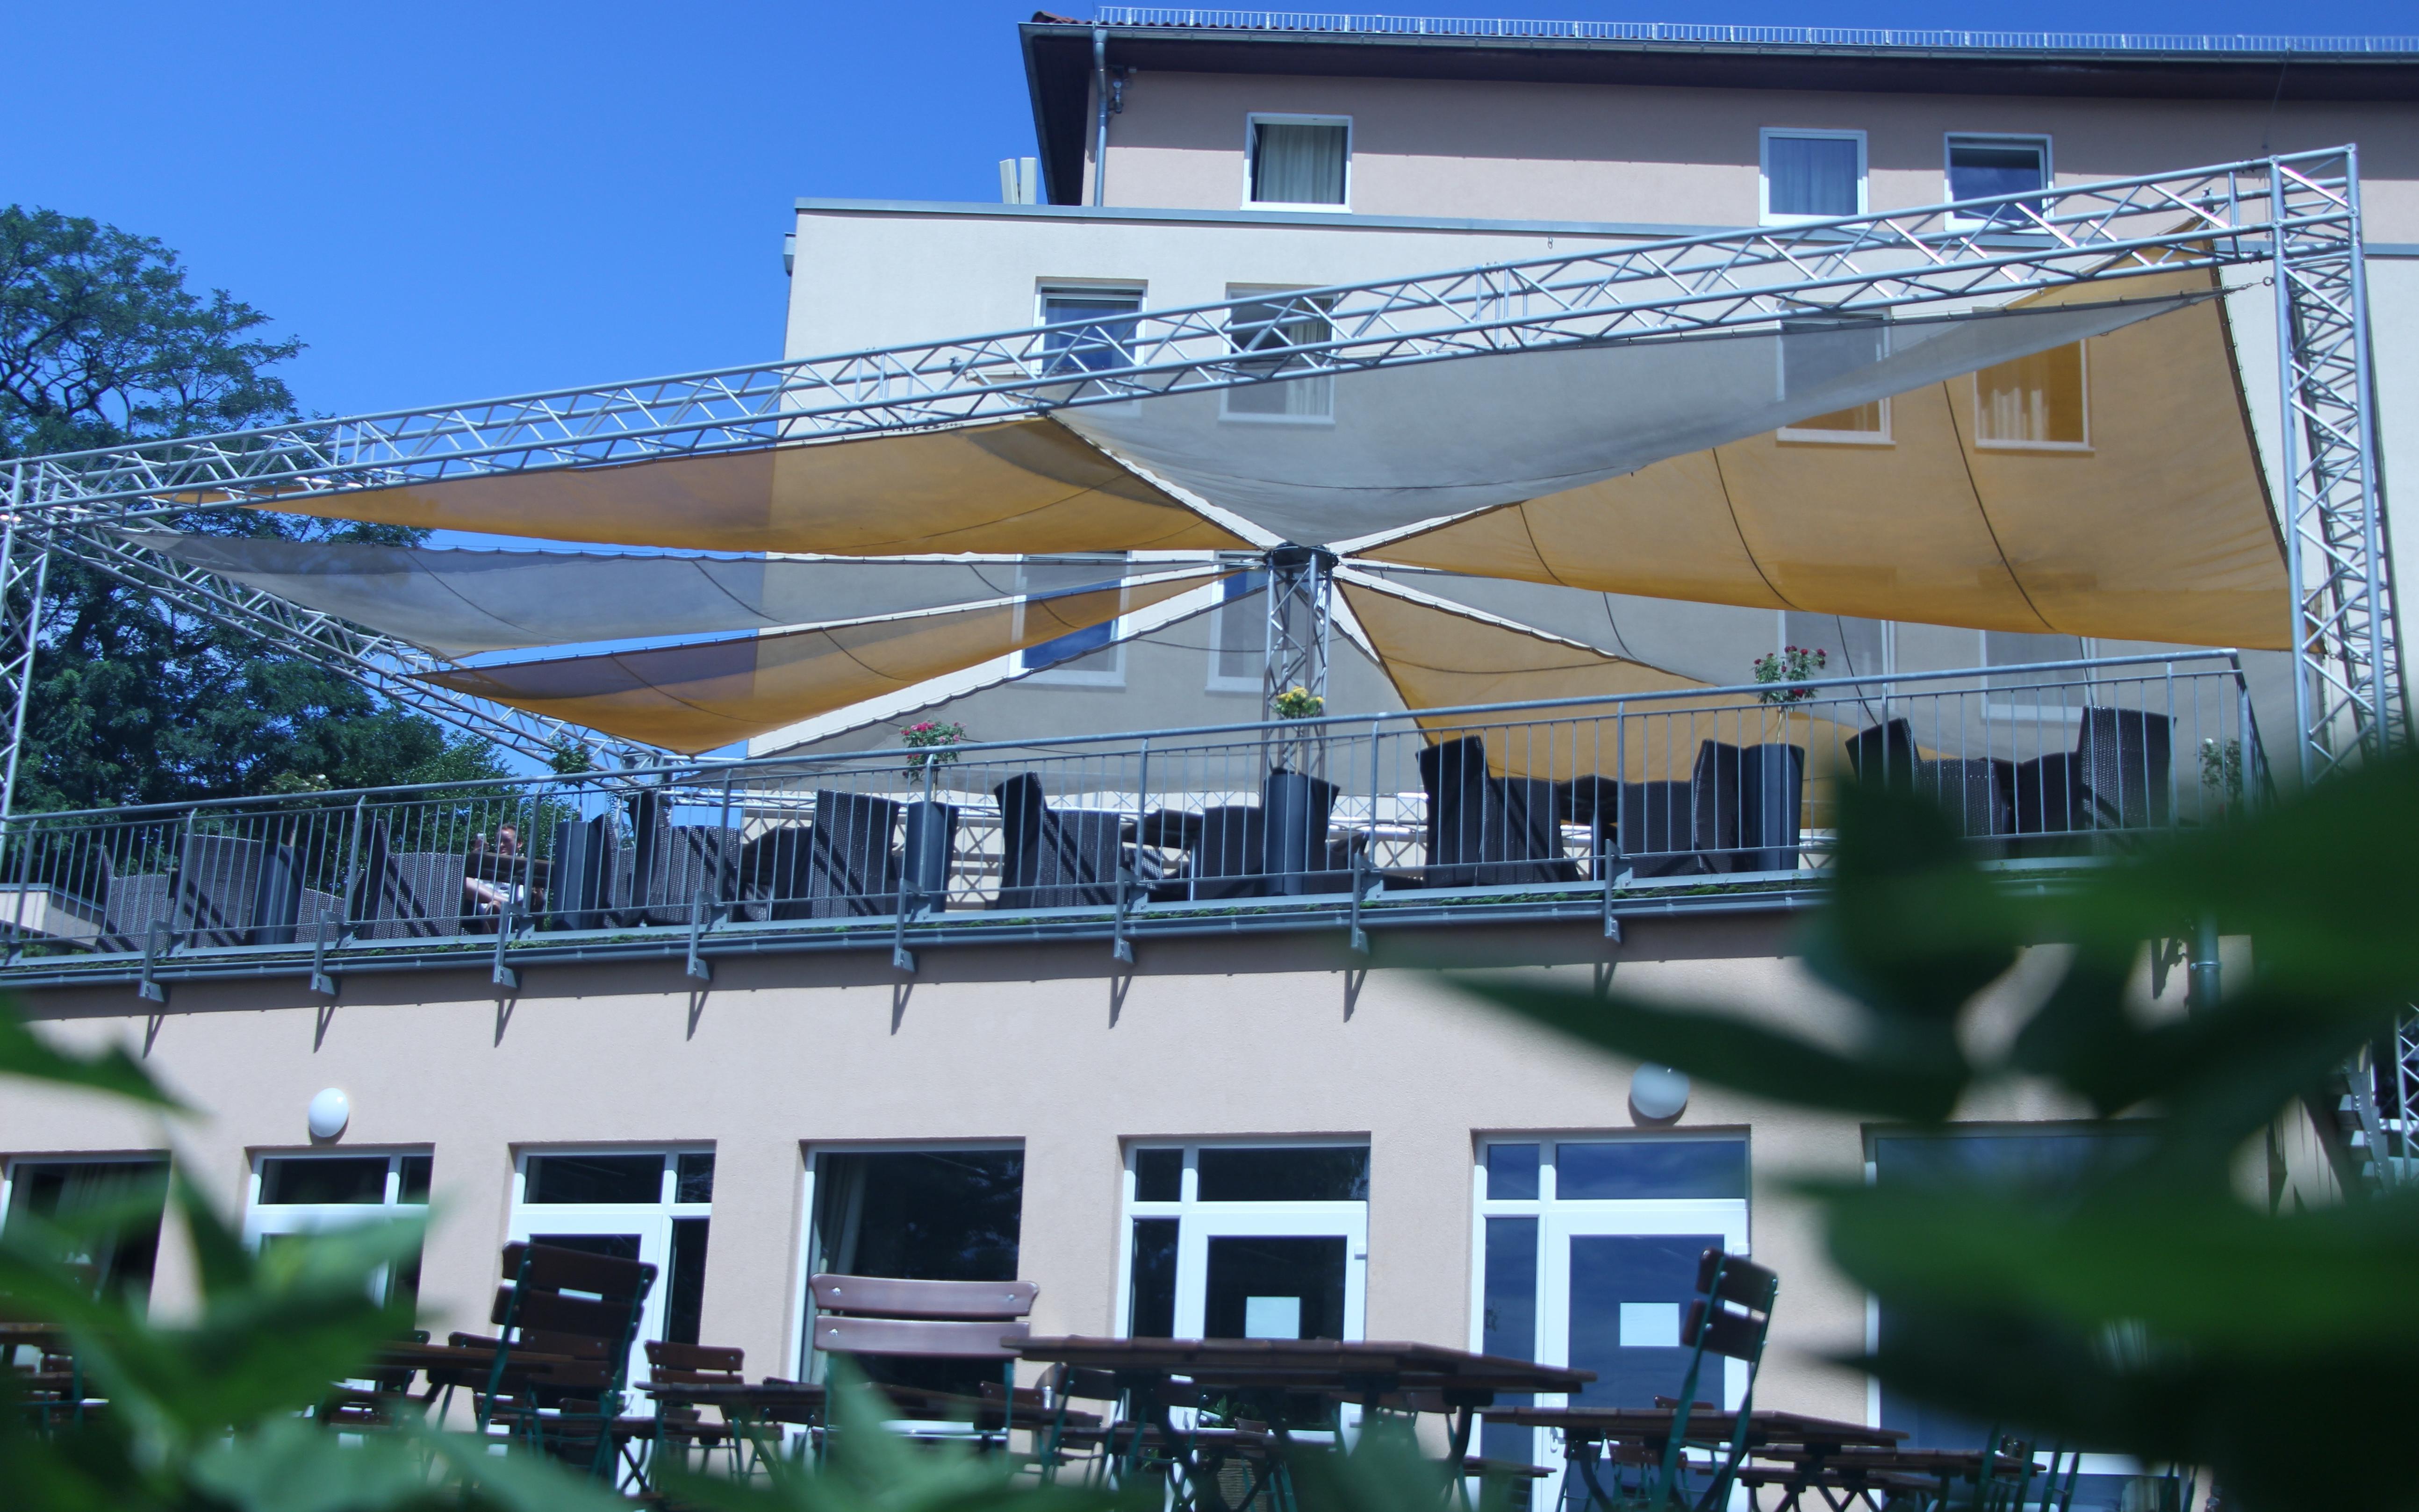 Die Bergwirtschaft hat mehrere Terrassen, welche zum Verweilen einladen.